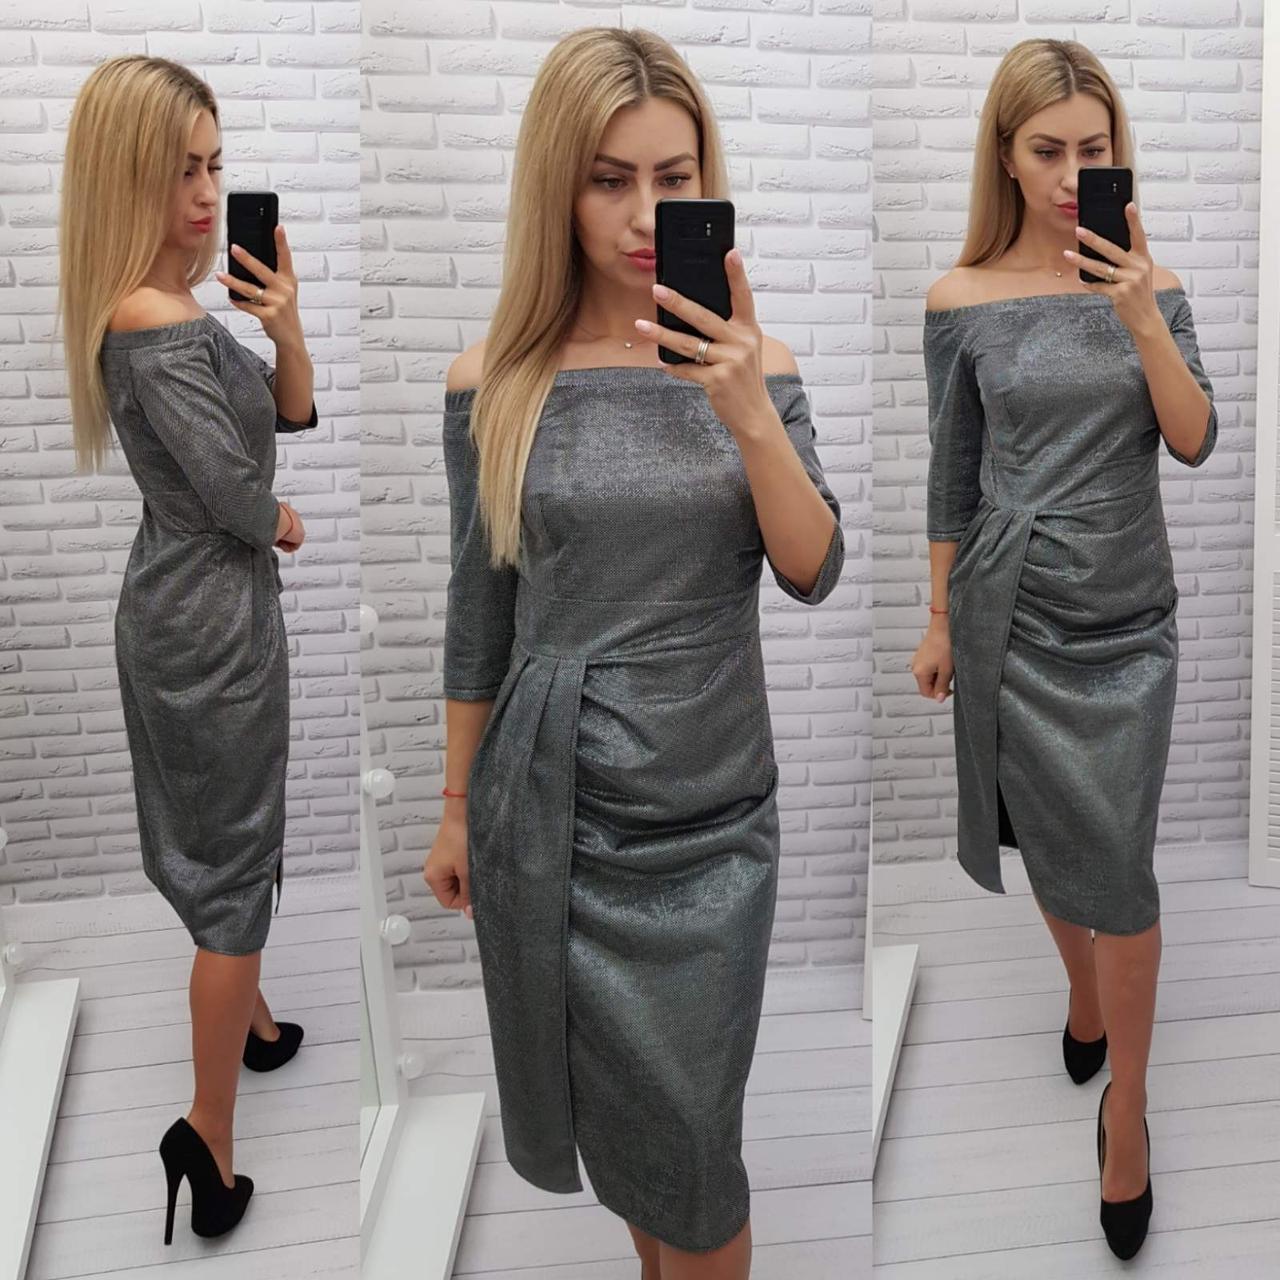 Новогоднее платье, арт 409, цвет металлик